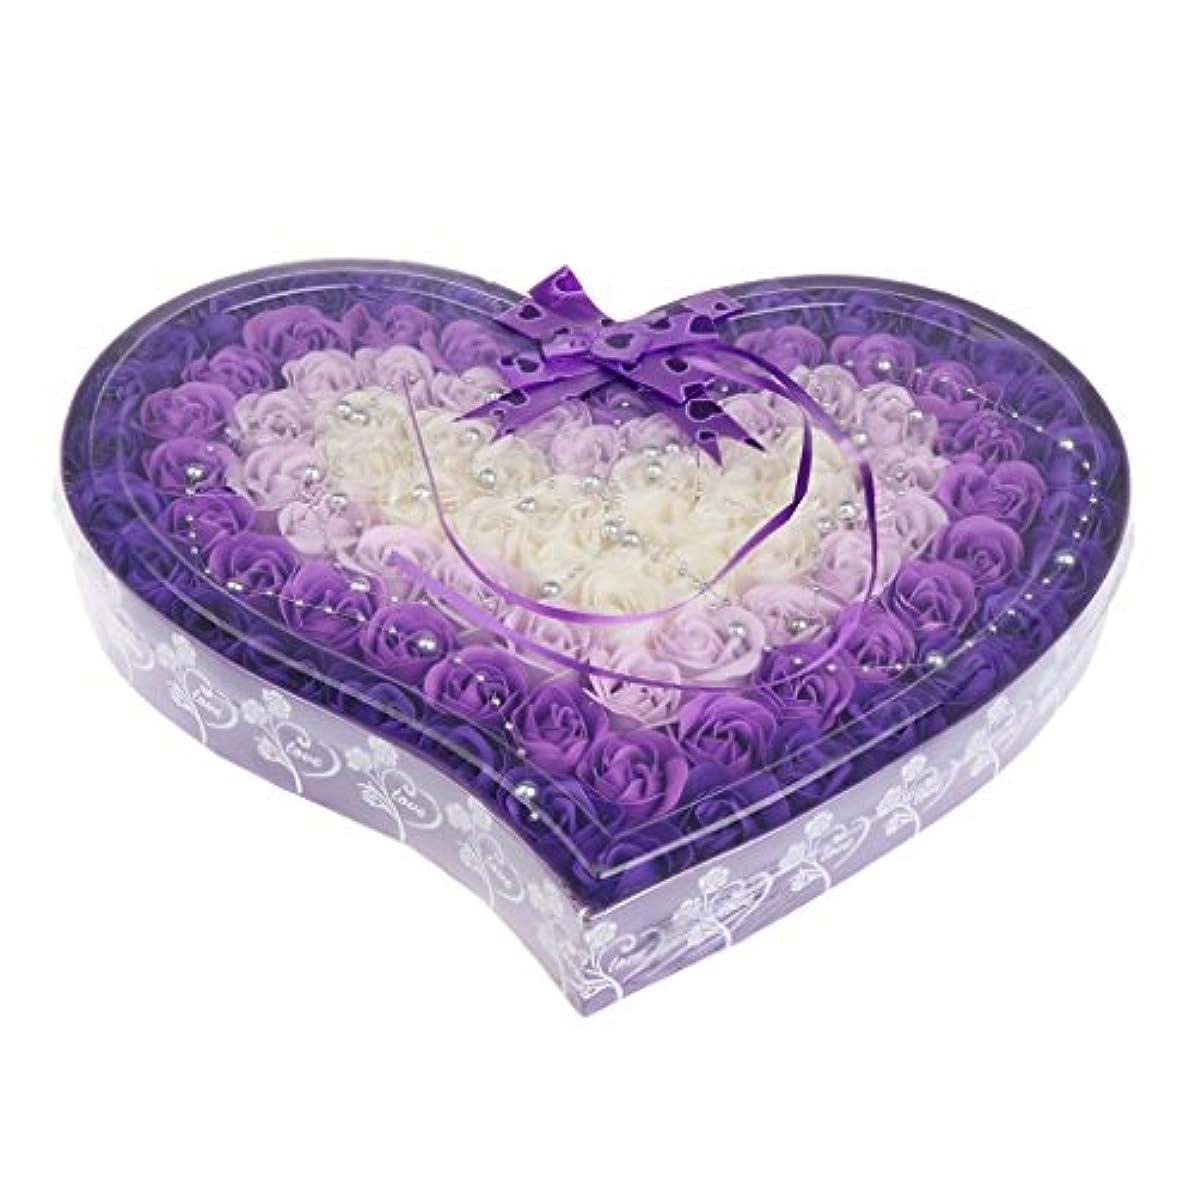 中傷リマ気質Baosity 約100個 ソープフラワー 石鹸の花 母の日 心の形 ギフトボックス バレンタインデー ホワイトデー 母の日 結婚記念日 プレゼント 4色選択可 - 紫